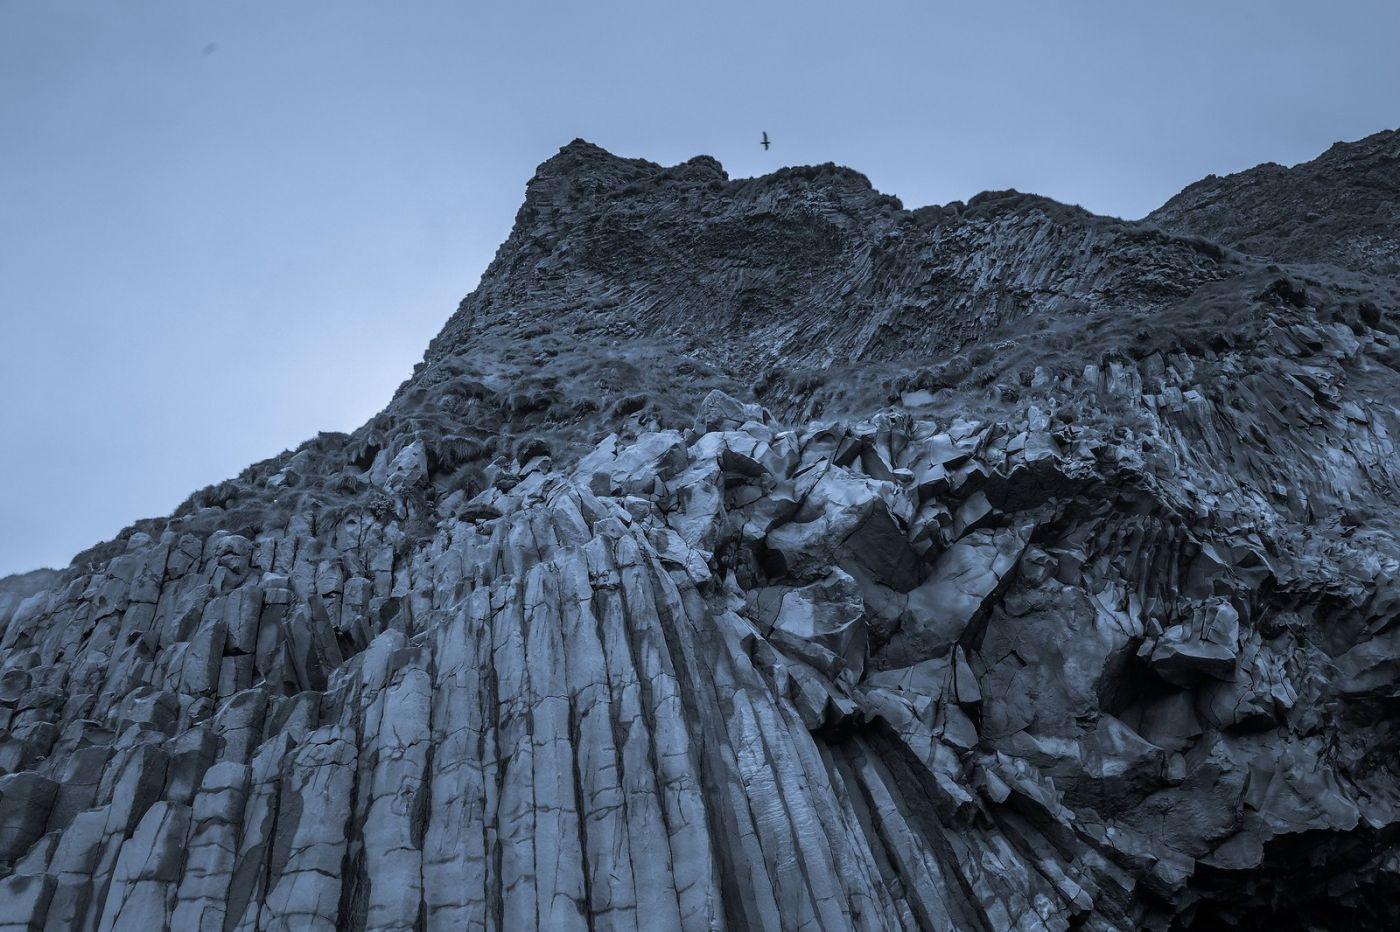 冰岛雷尼斯法加拉黑沙滩(Reynisfjara Black Sand Beach)_图1-29